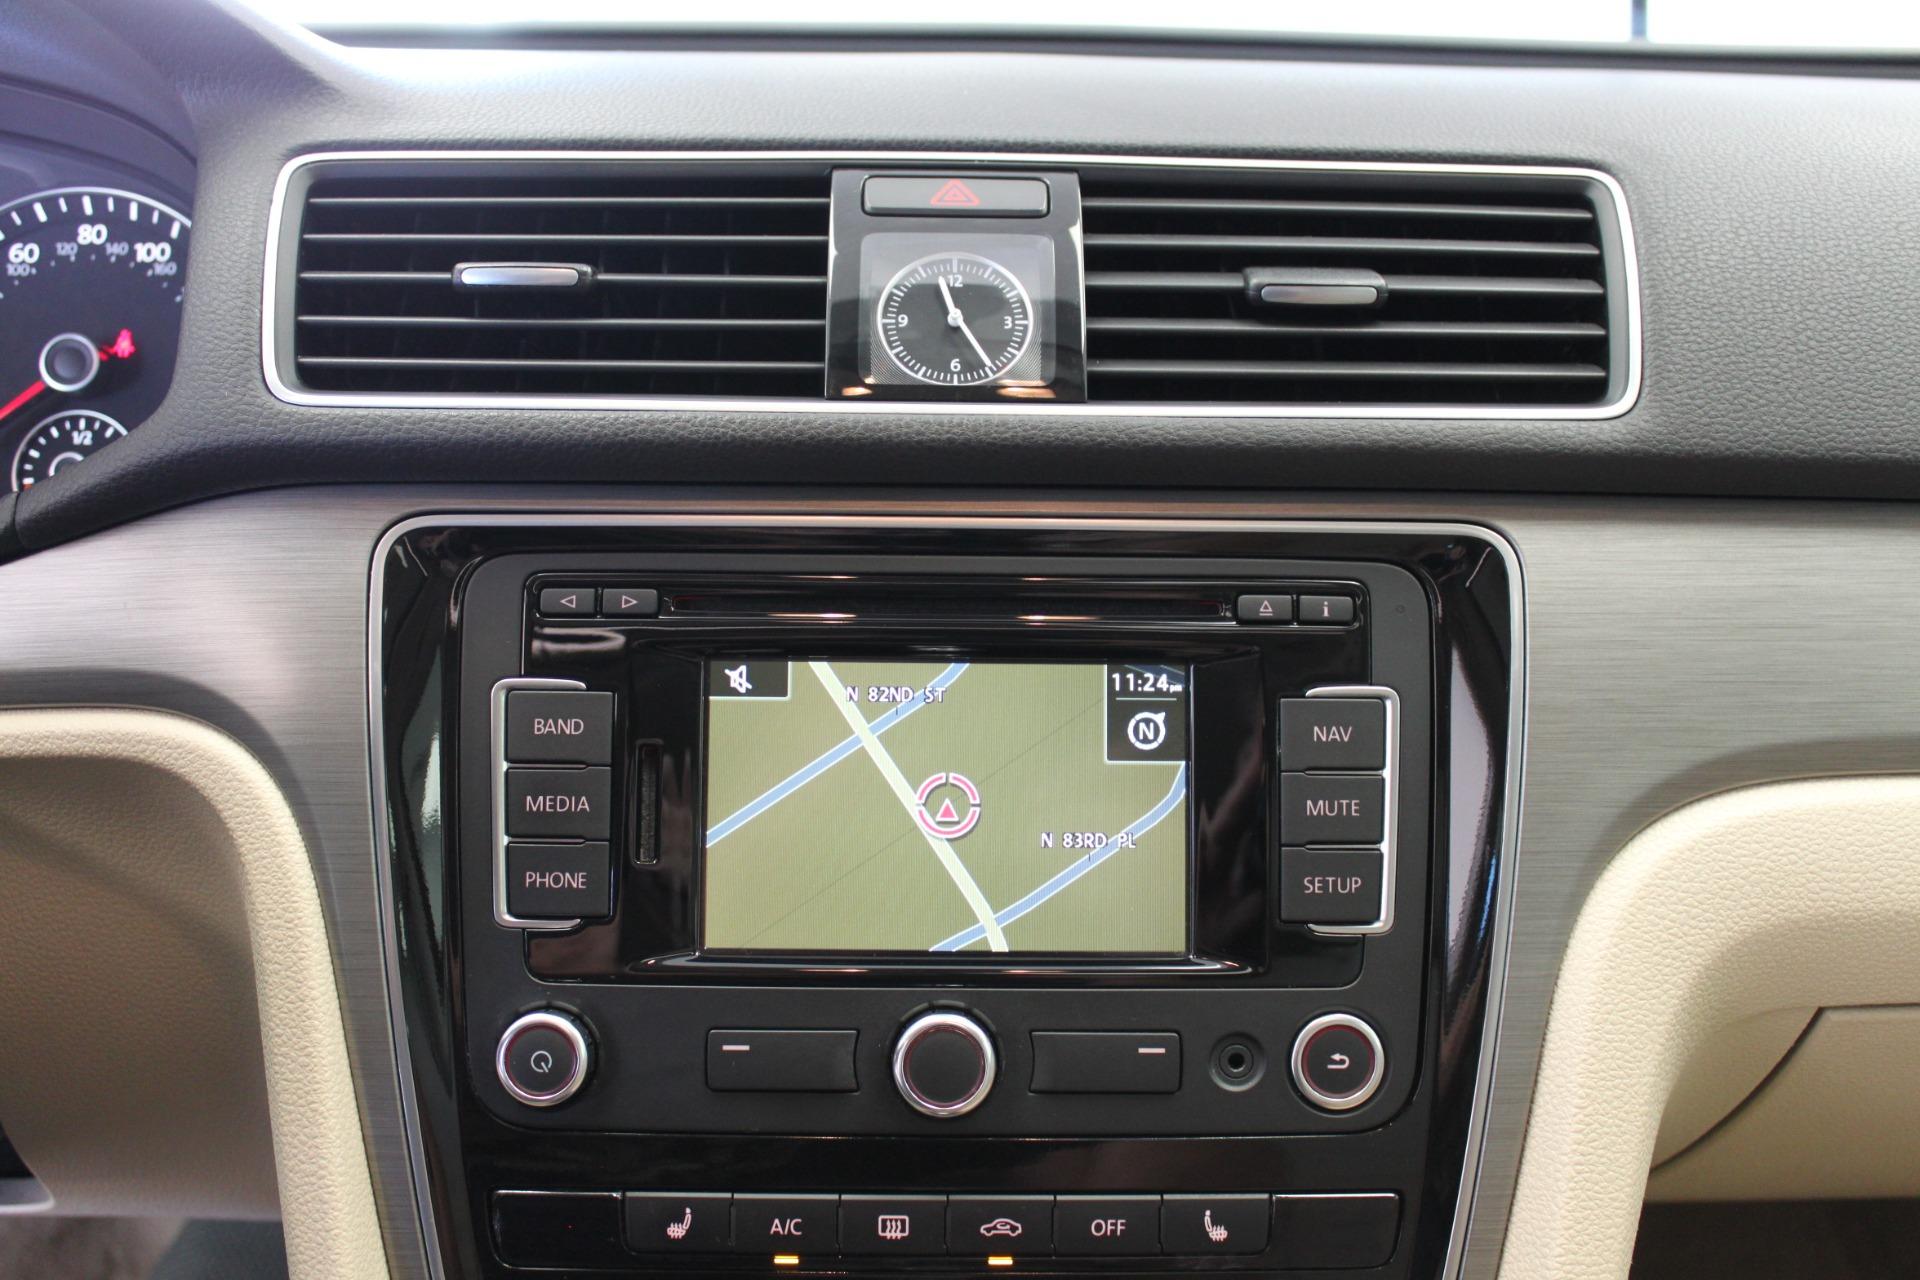 Used-2015-Volkswagen-Passat-18T-SE-w/Sunroof---Nav-Porsche